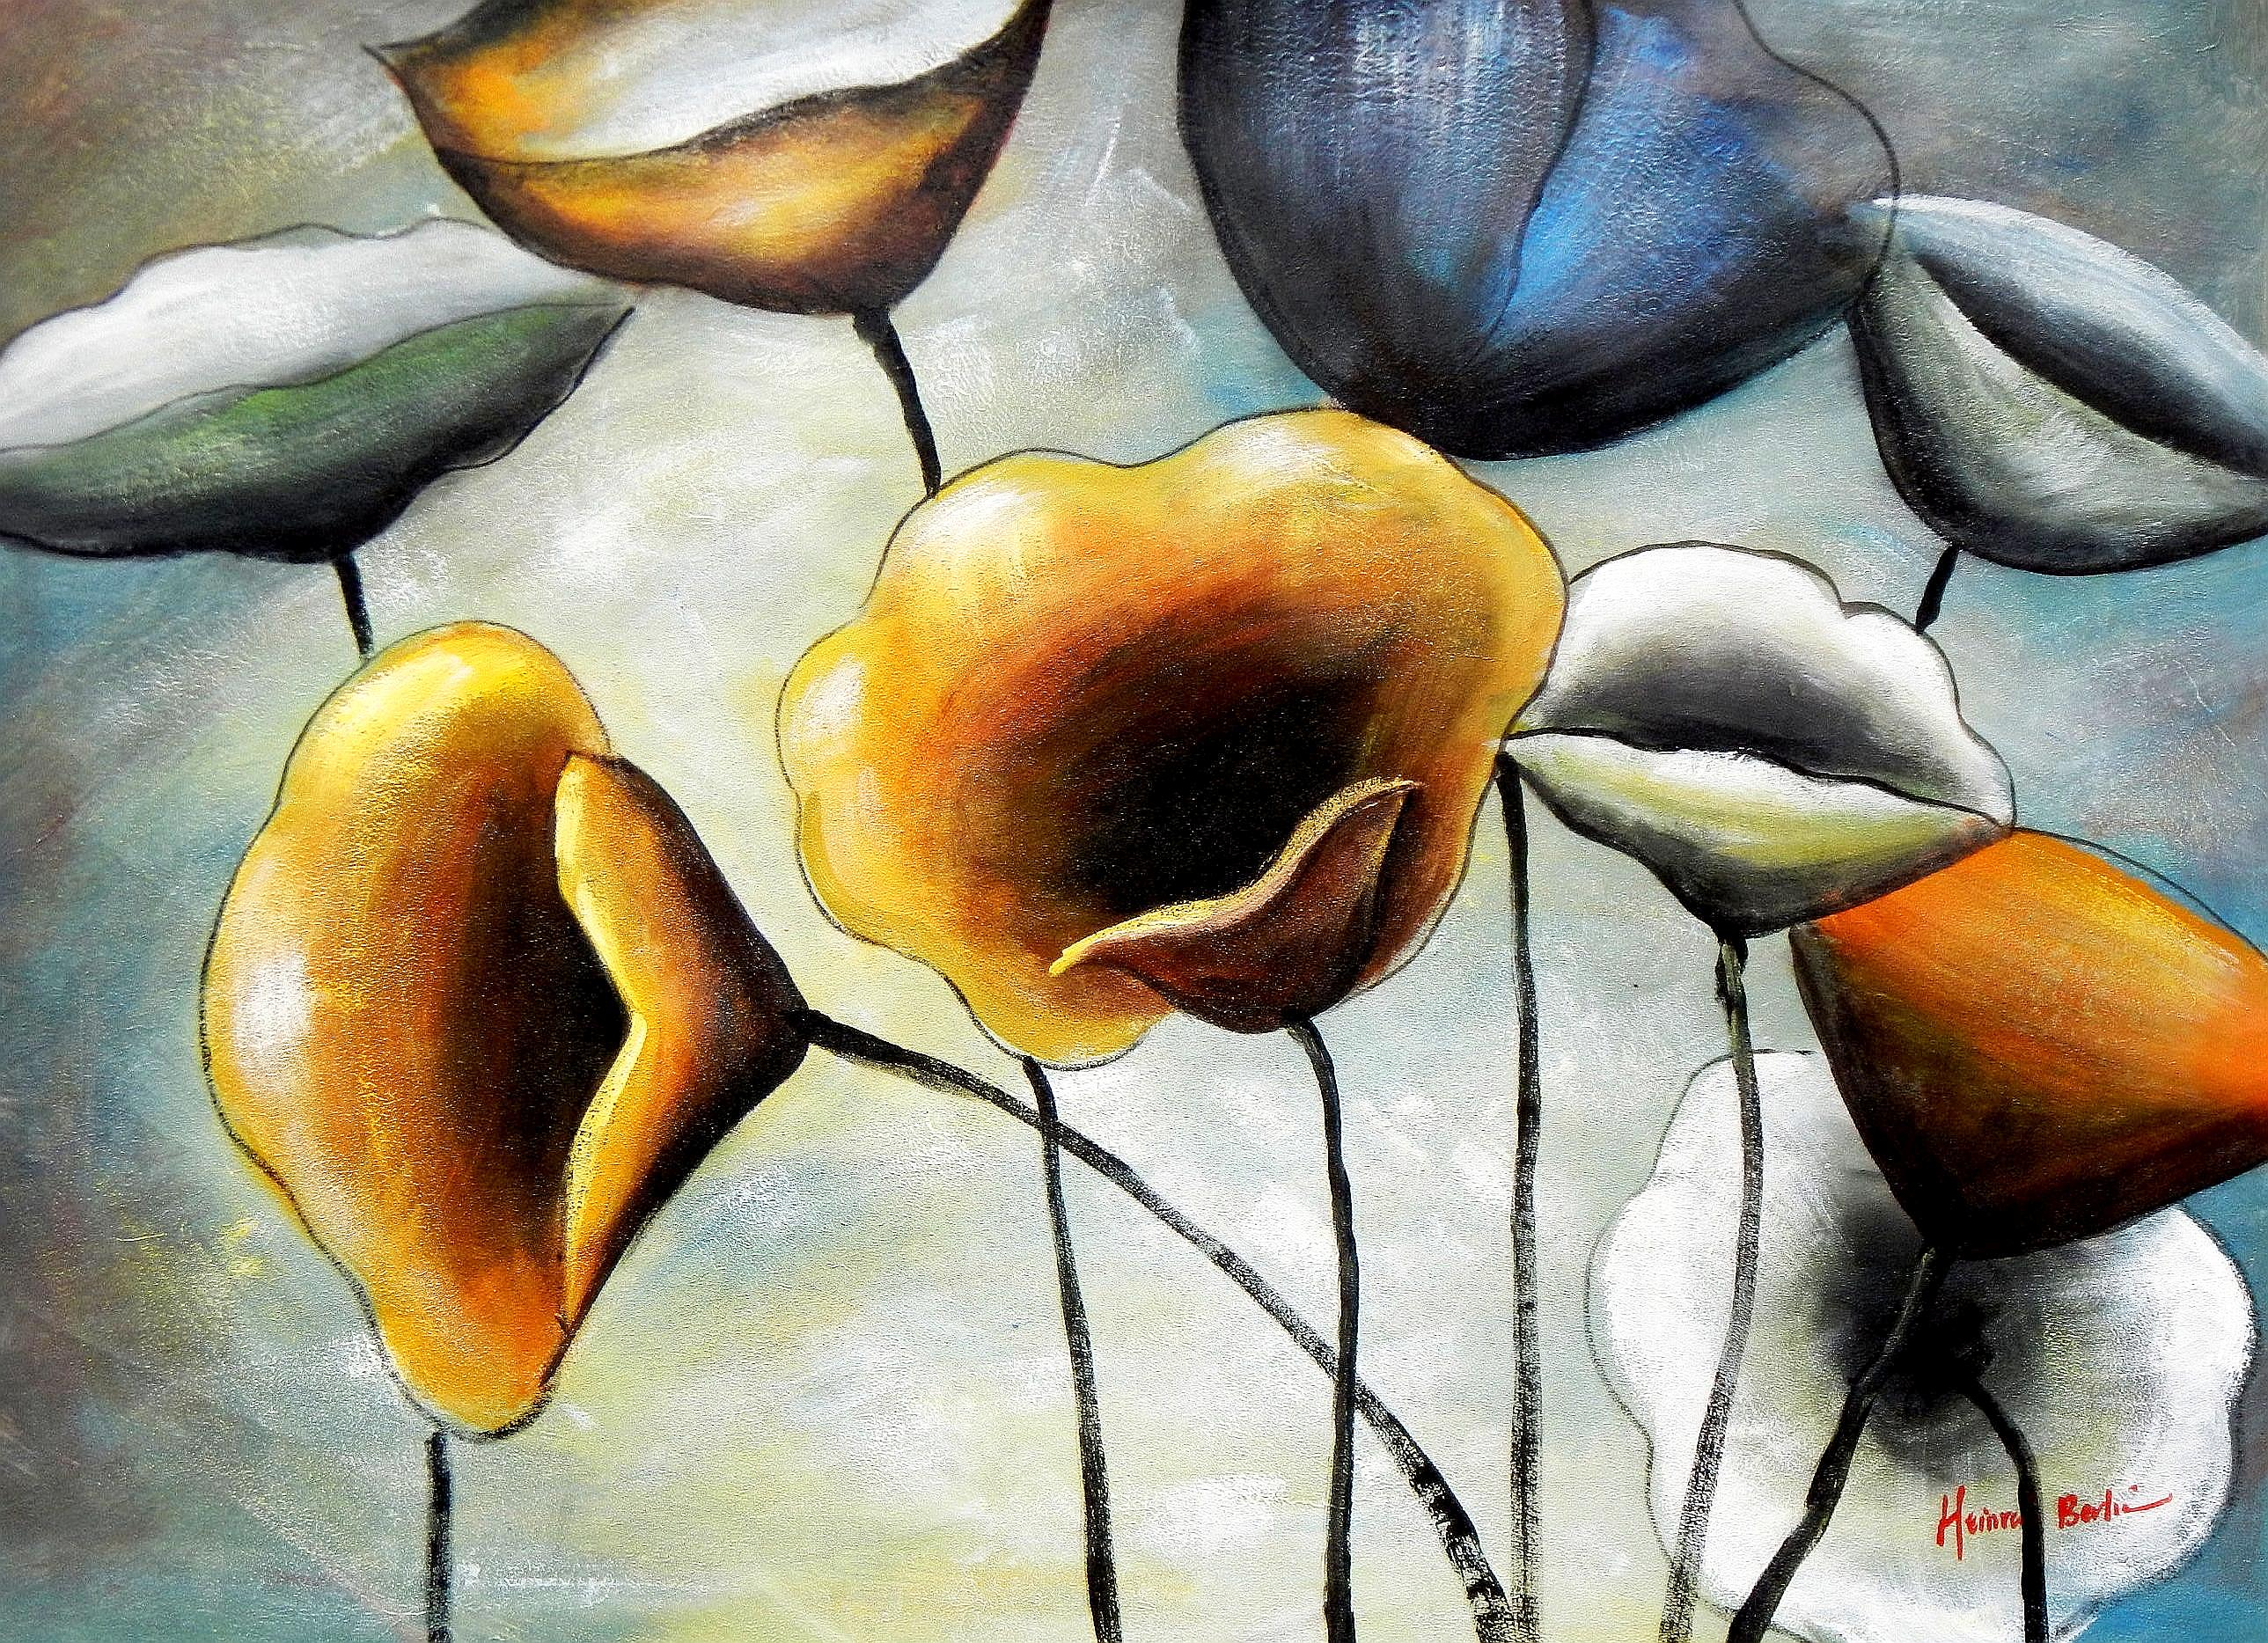 Abstrakt Modern Art - Der Blumentanz i94443 80x110cm Ölgemälde ...